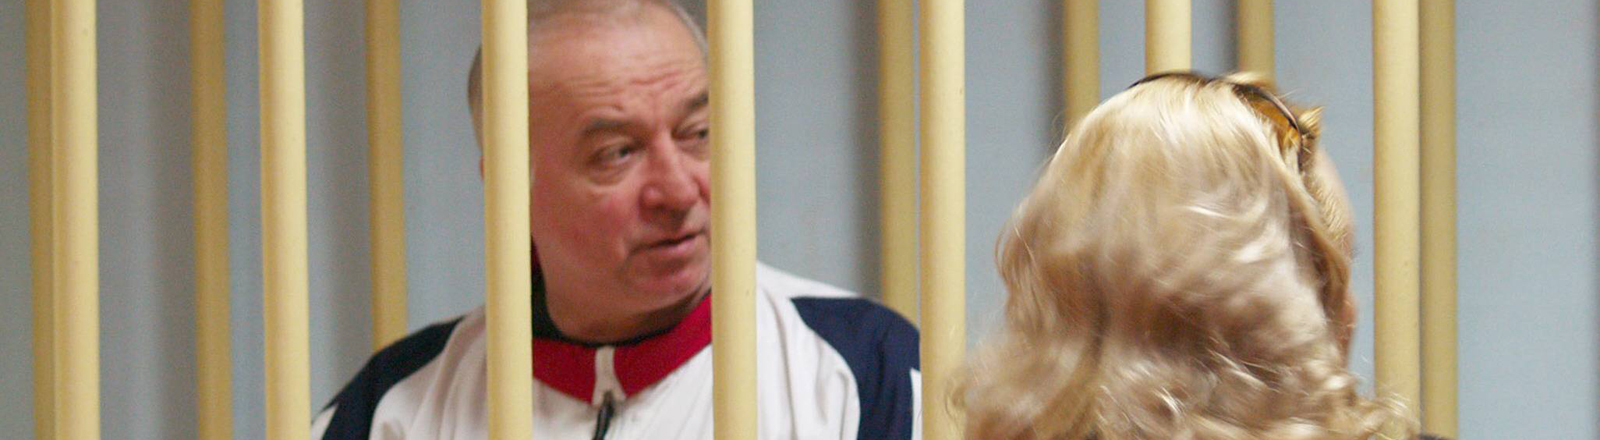 Sergej Skripal in einem russischen Gericht 2006